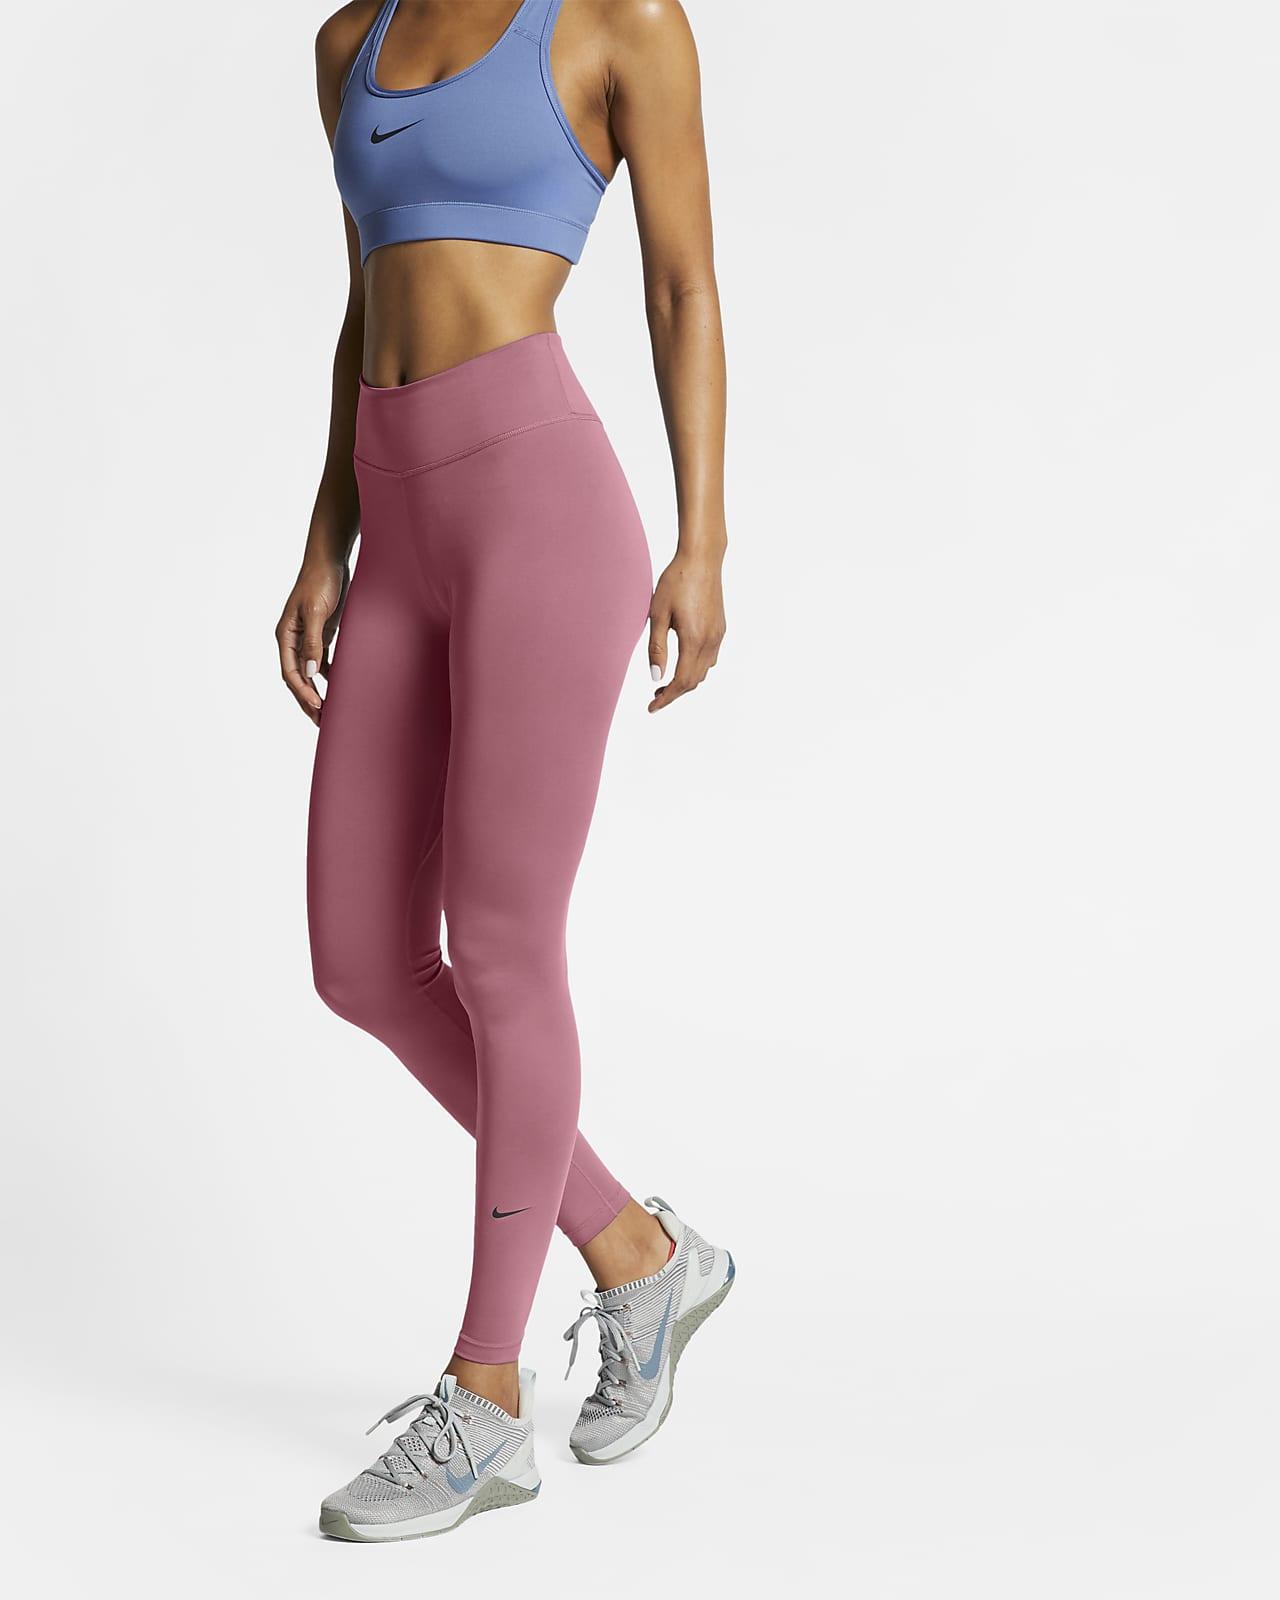 Nike One Normal Belli Kadın Taytı